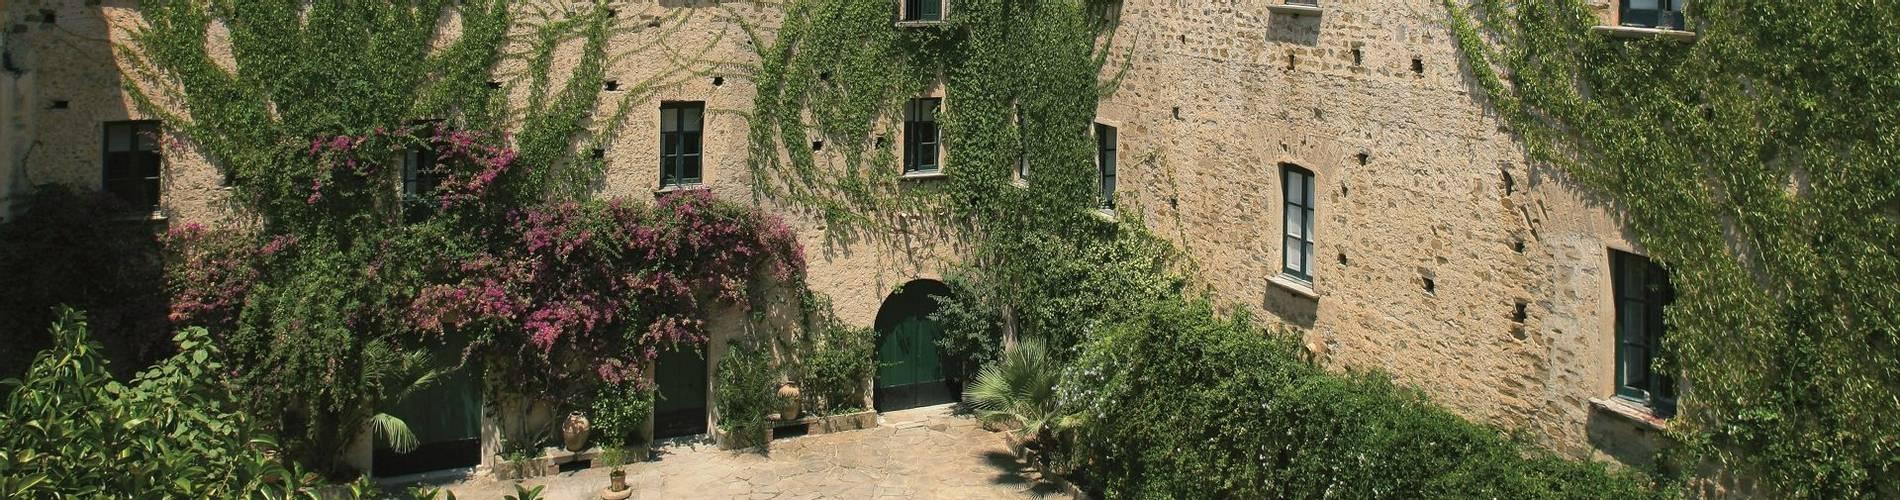 Palazzo Belmonte 2.jpg